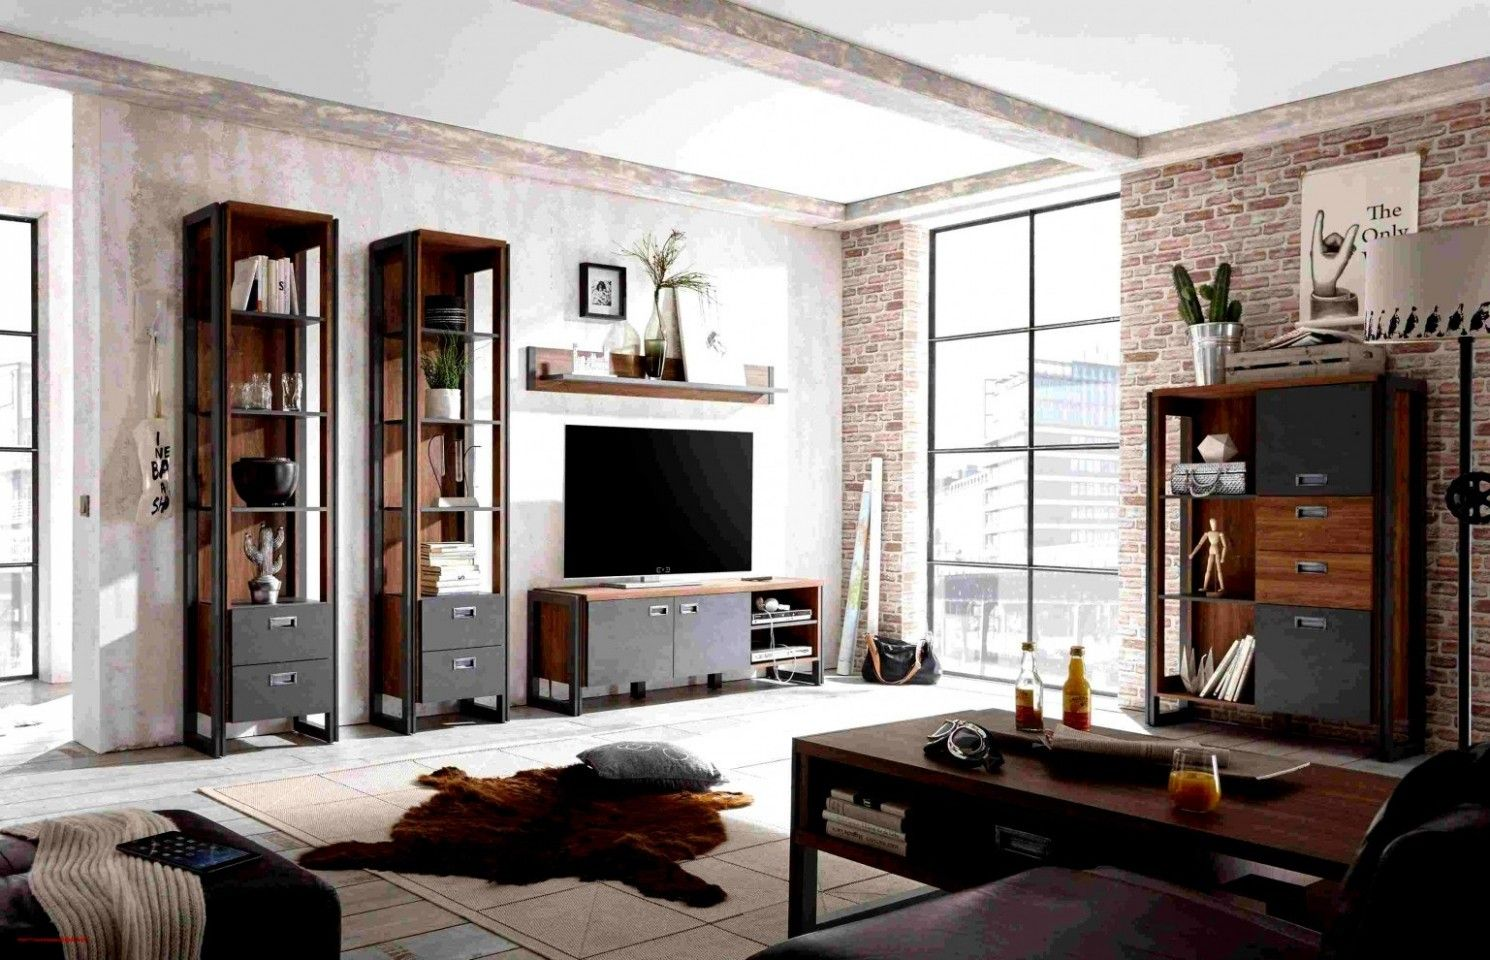 Wohnzimmer Ideen Kolonialstil In 2020 Wohnzimmer Gestalten Wohnzimmer Einrichten Ideen Wohnzimmer Einrichten